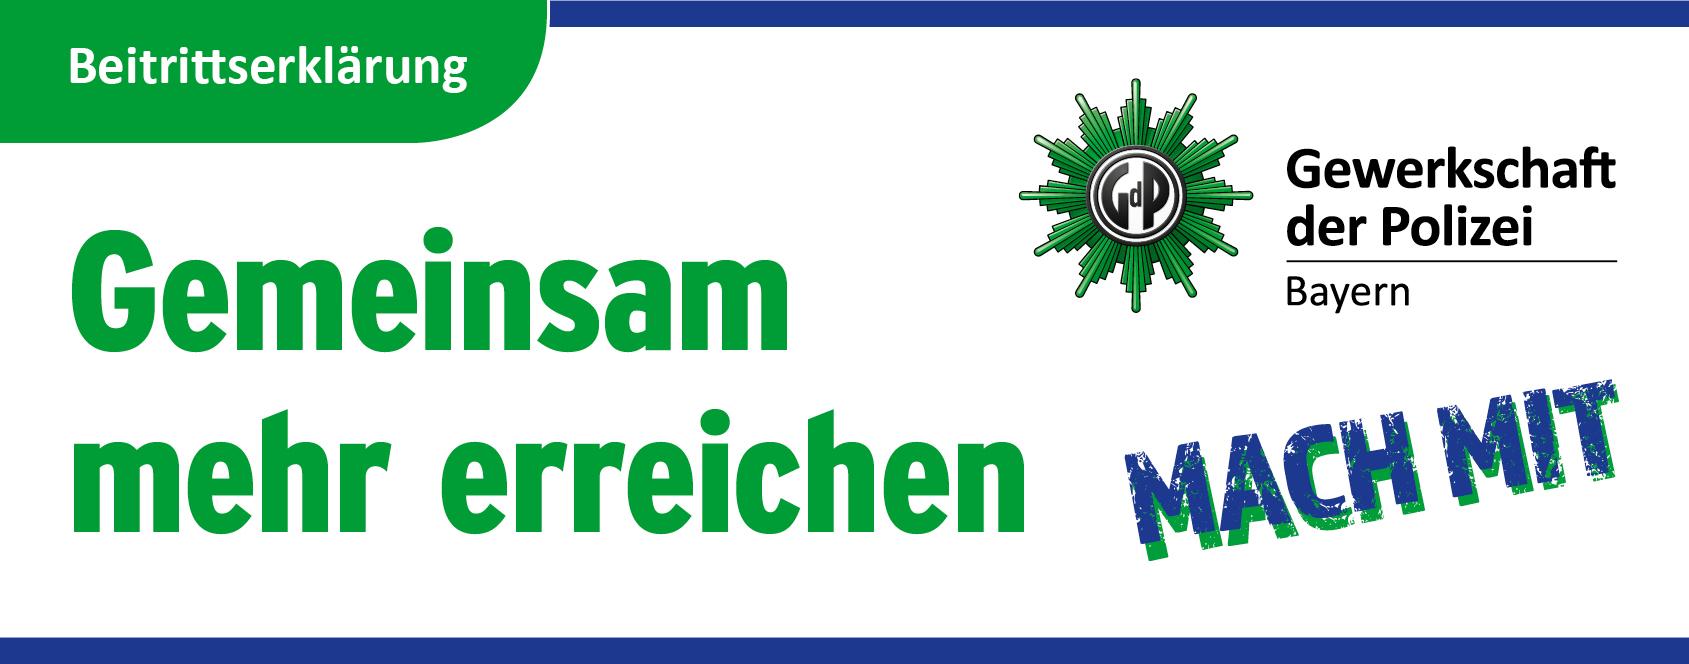 GdP Bayern - Beitrittserklärung